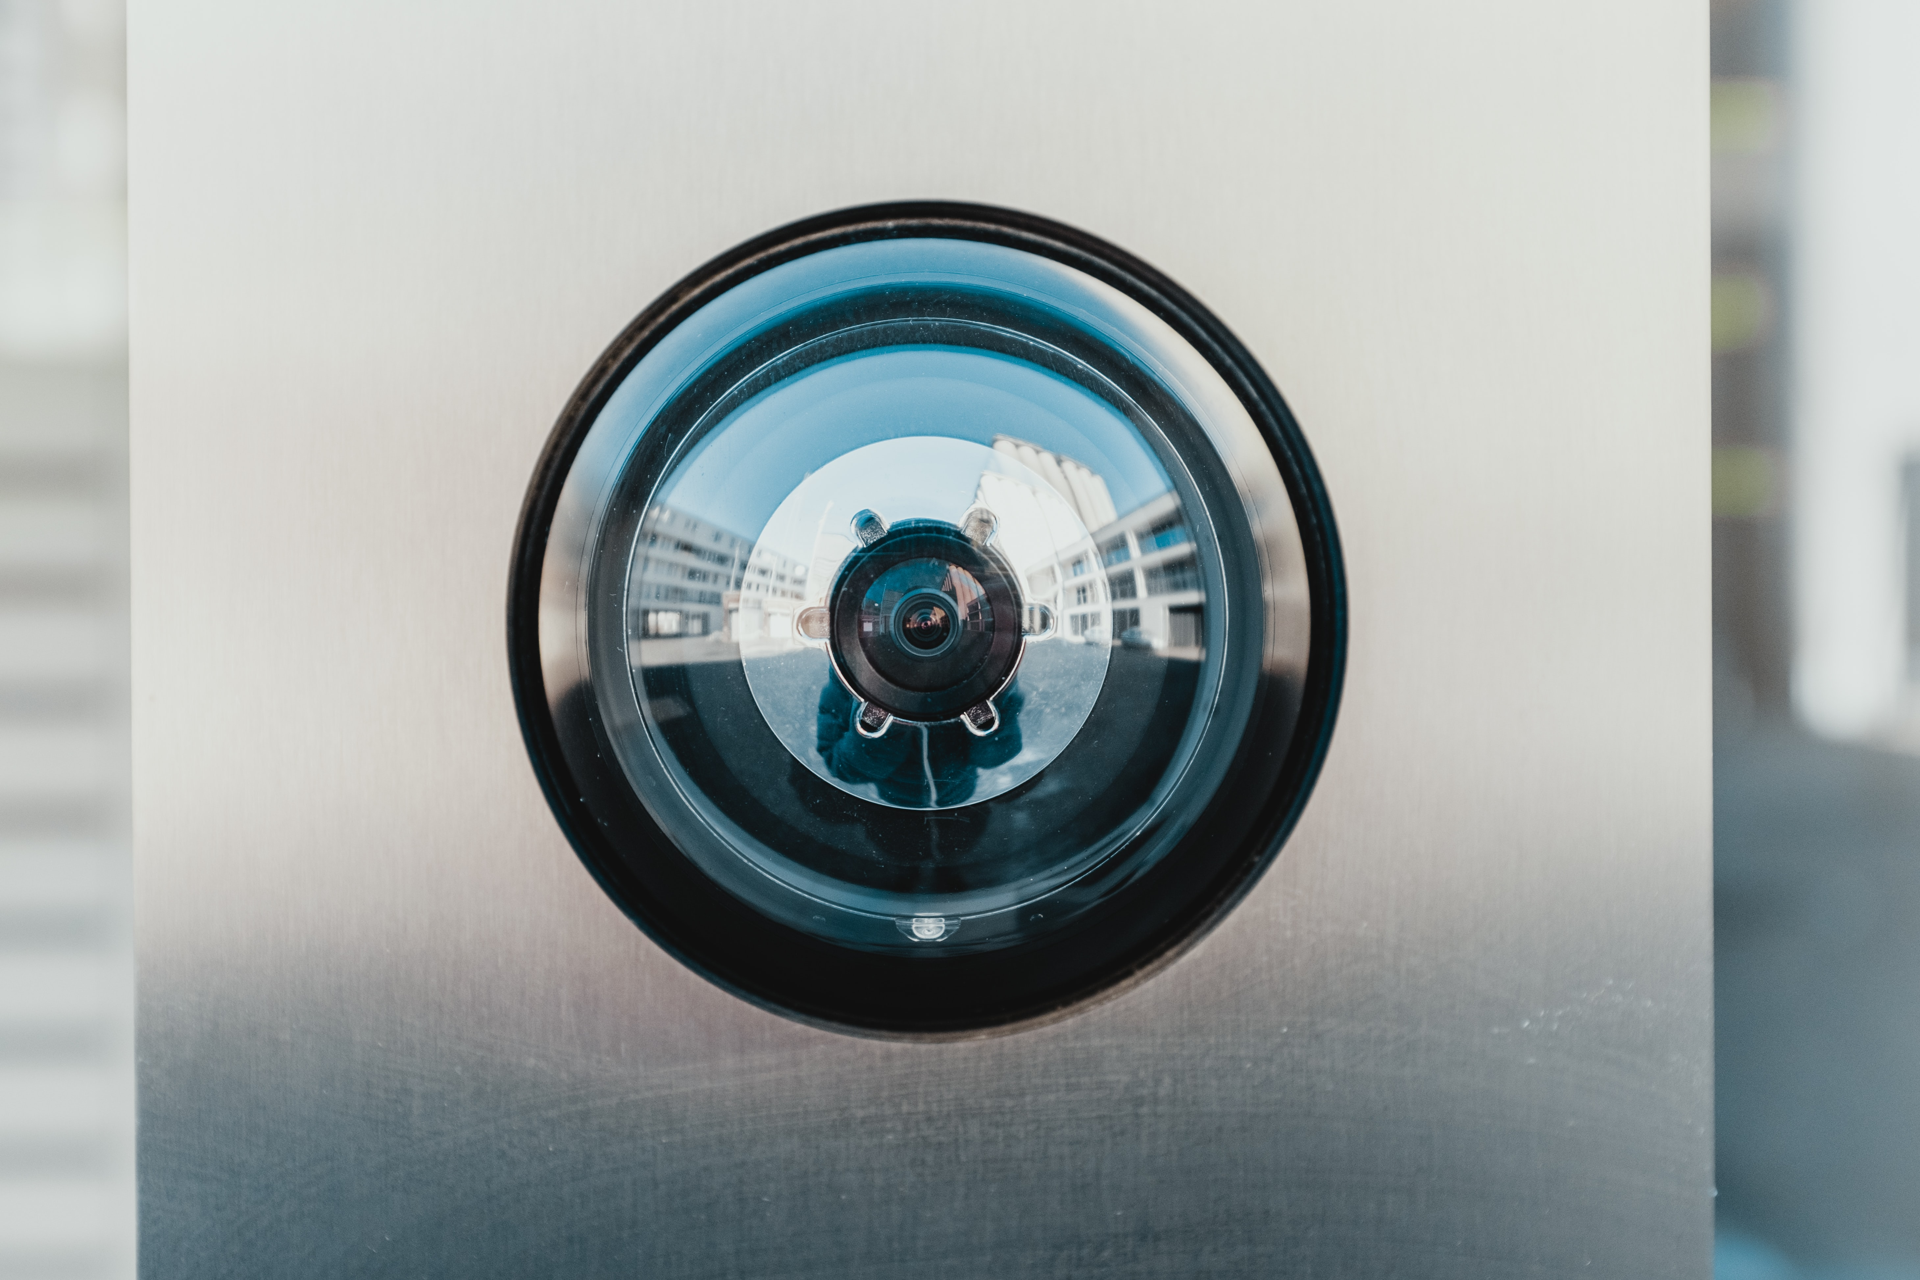 Mode d'emploi des caméras de surveillance à distance avec Internet